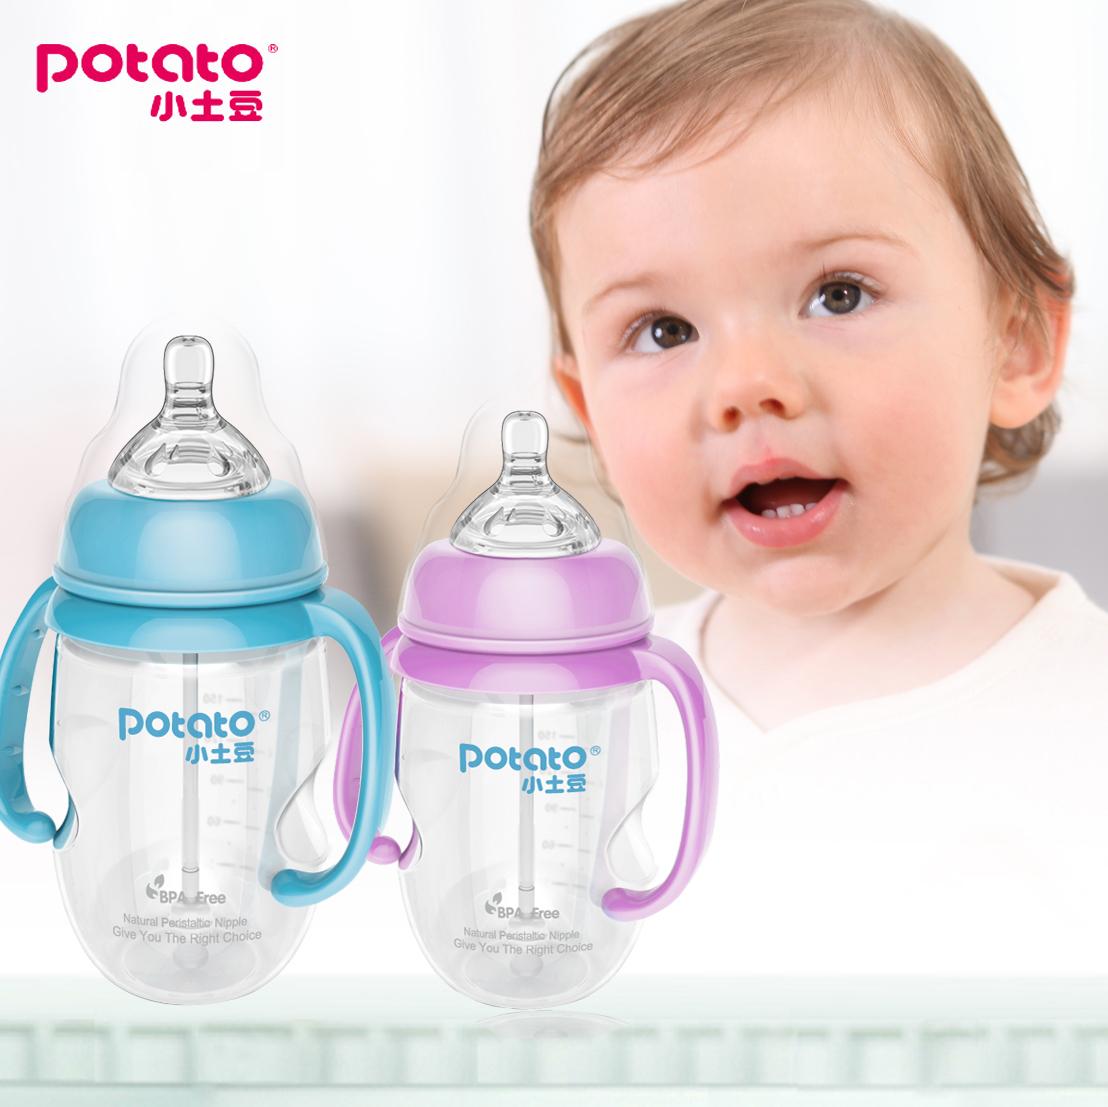 小土豆嬰兒寬口徑PP奶瓶帶吸管手柄防摔防脹氣新生寶寶PP塑料奶瓶